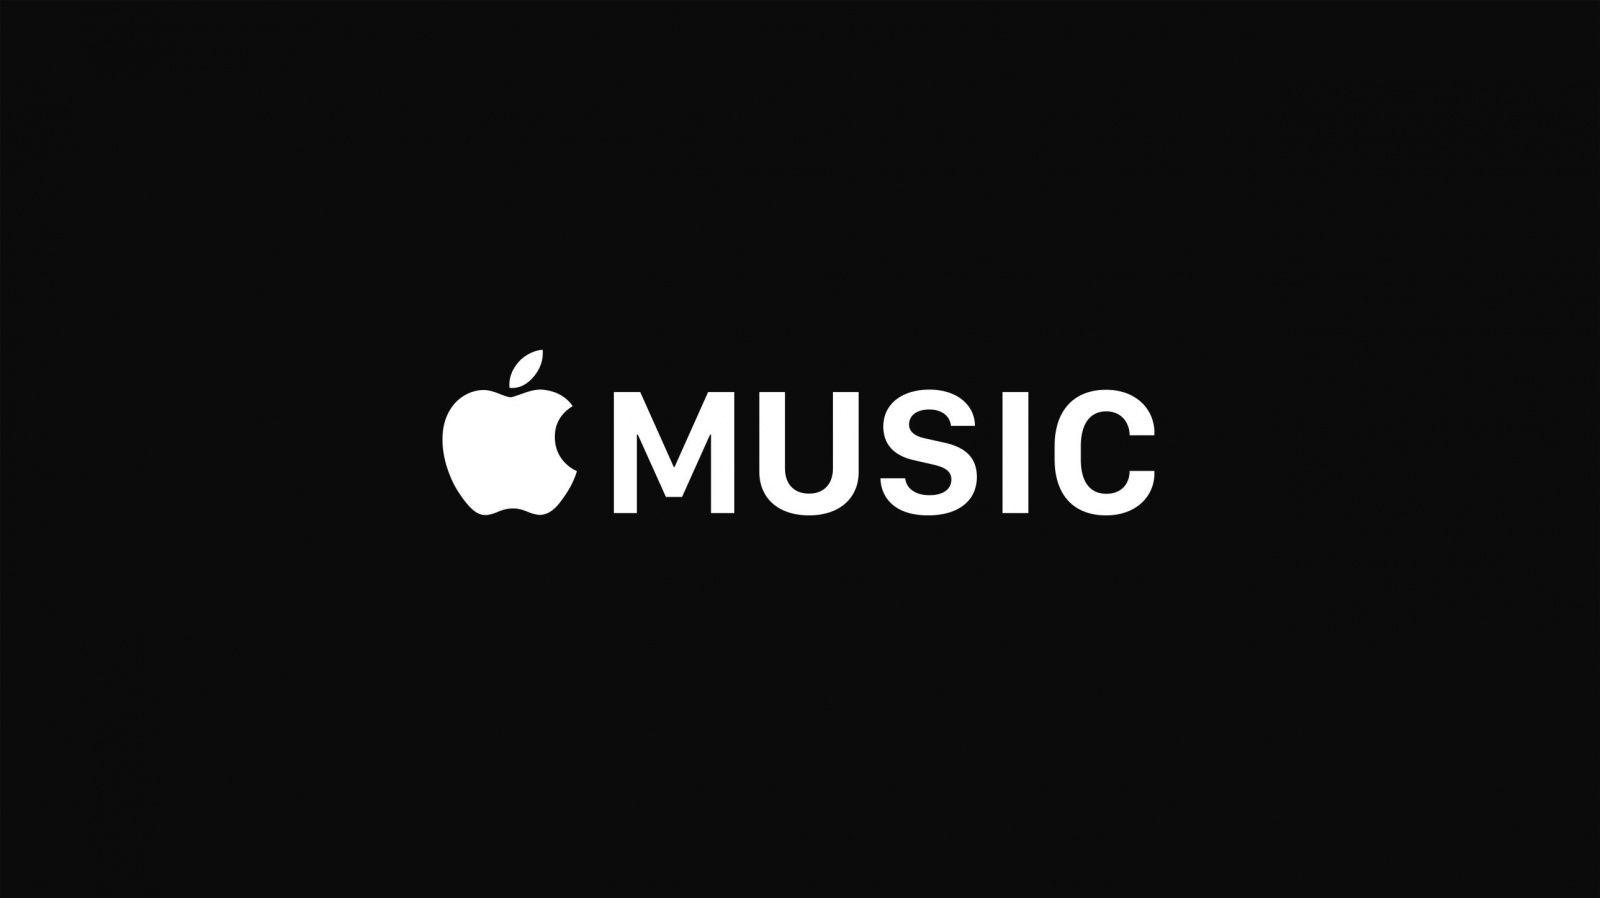 Apple Musikak lehiarekin bat egiten du azkenean.  Estreinatu eta lau urtera, zerbitzua arakatzailean funtzionatzen du